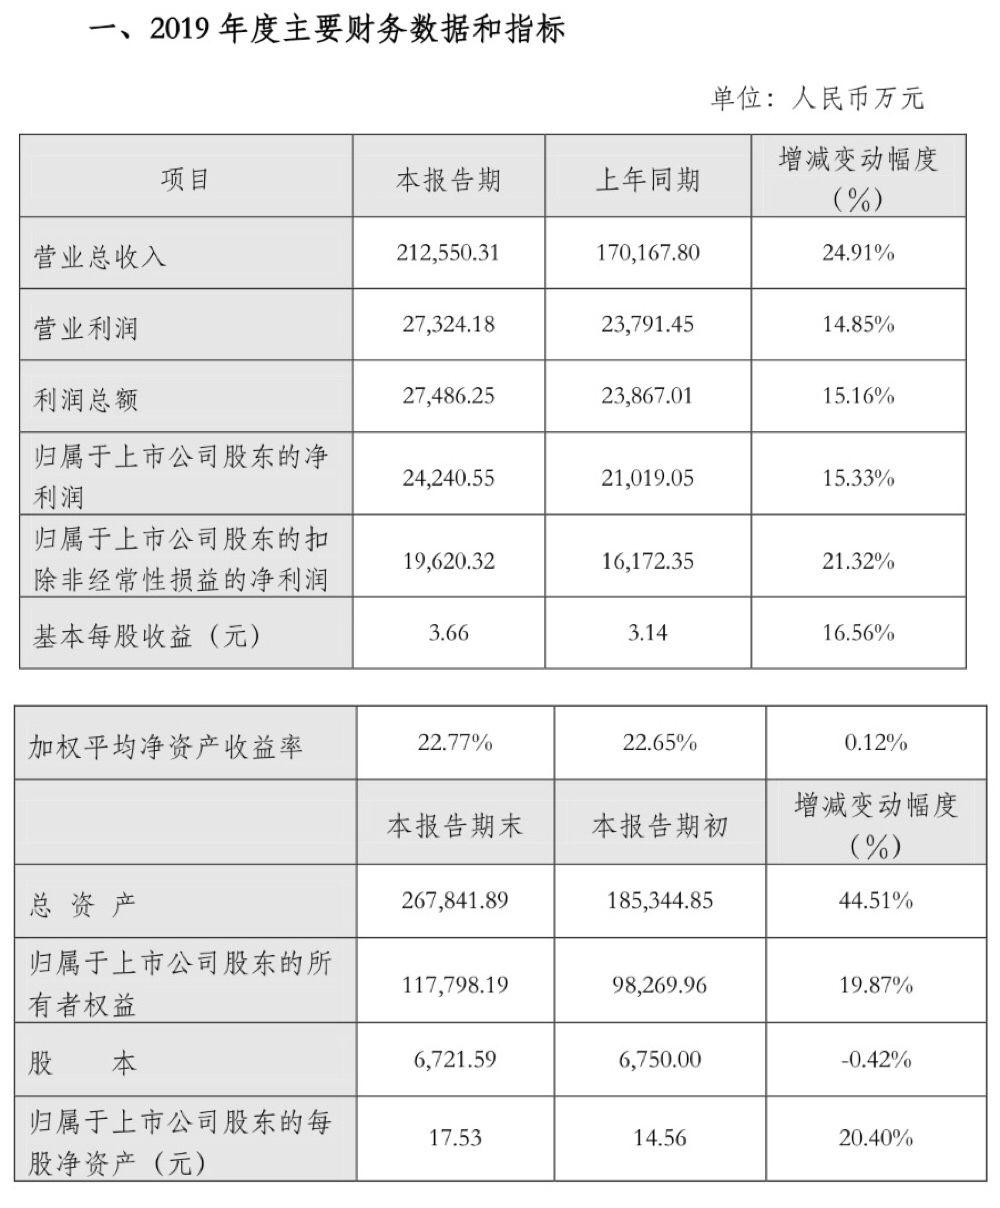 大宗业务增长迅速,金牌厨柜去年净利预增15.33%图片